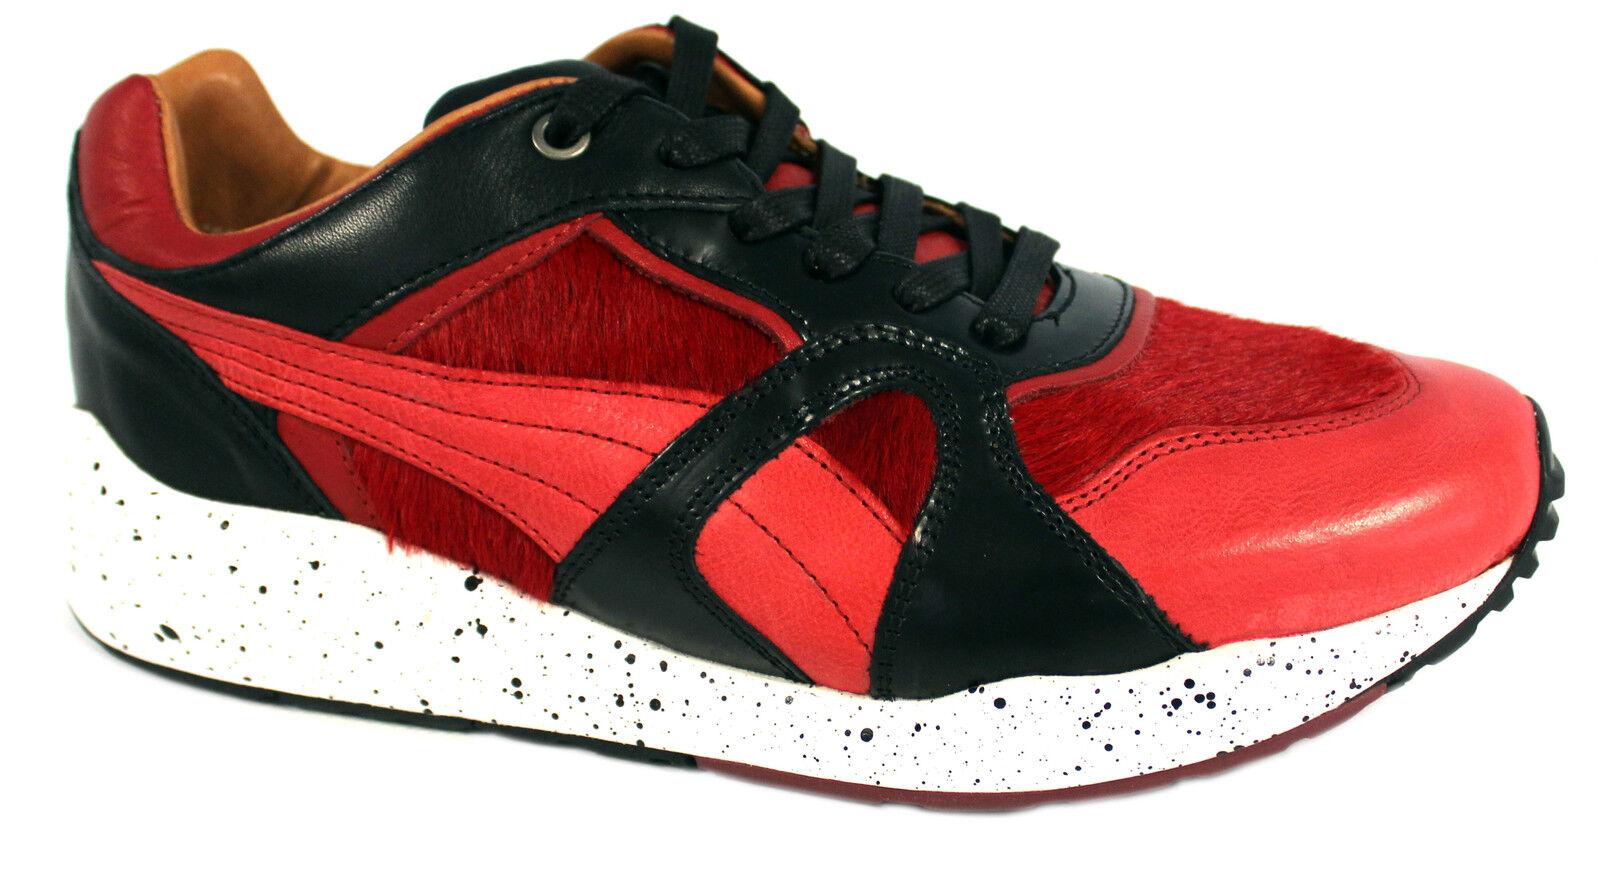 Puma trinomic xs500 x miitaly Hombre Trainers Rojo Hecho marca en Italia 357262 04 M11 marca Hecho de descuento 8dacda